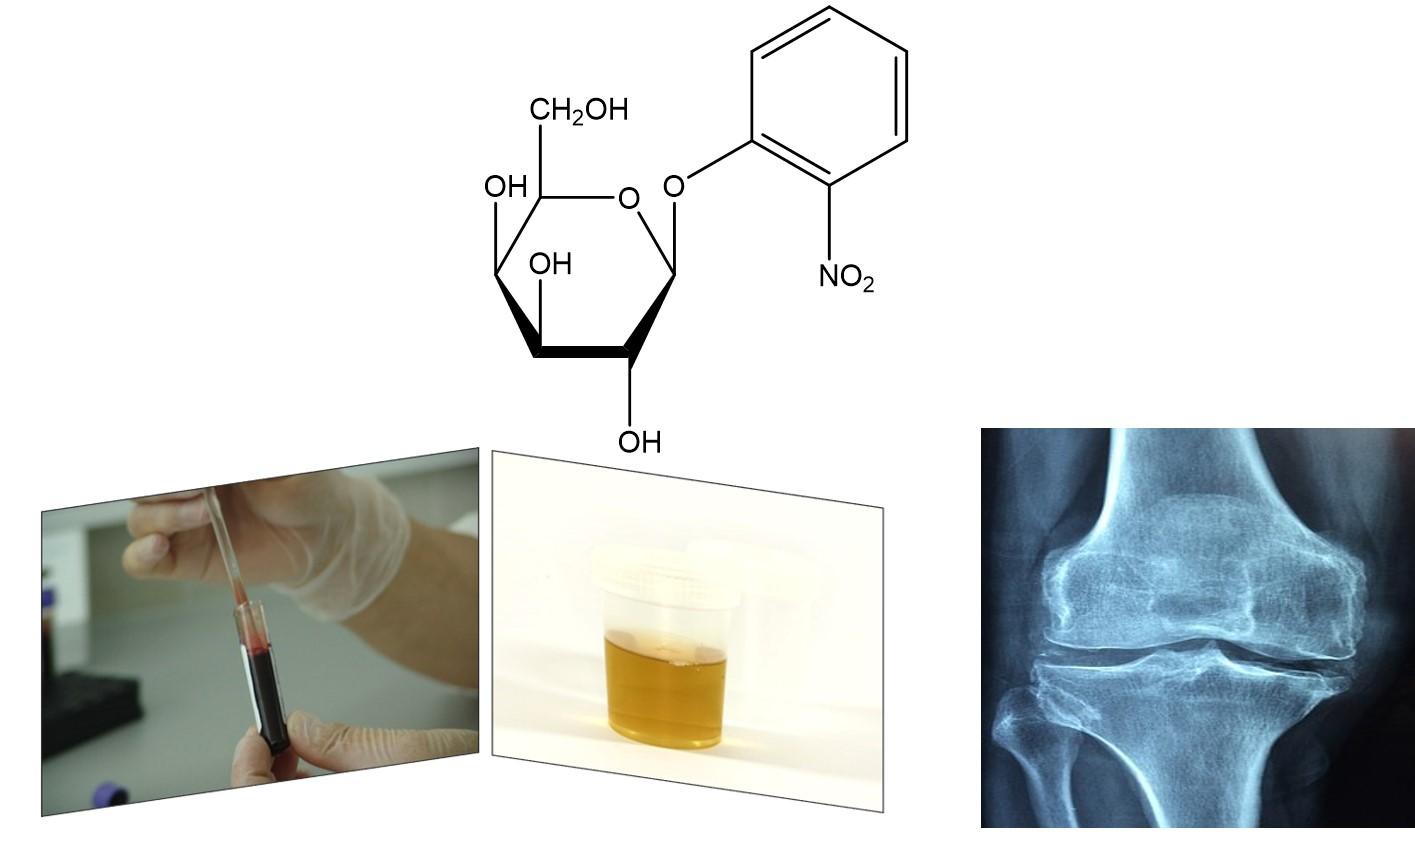 Soluciencia ha elaborado el temario de Análisis Bioquímico